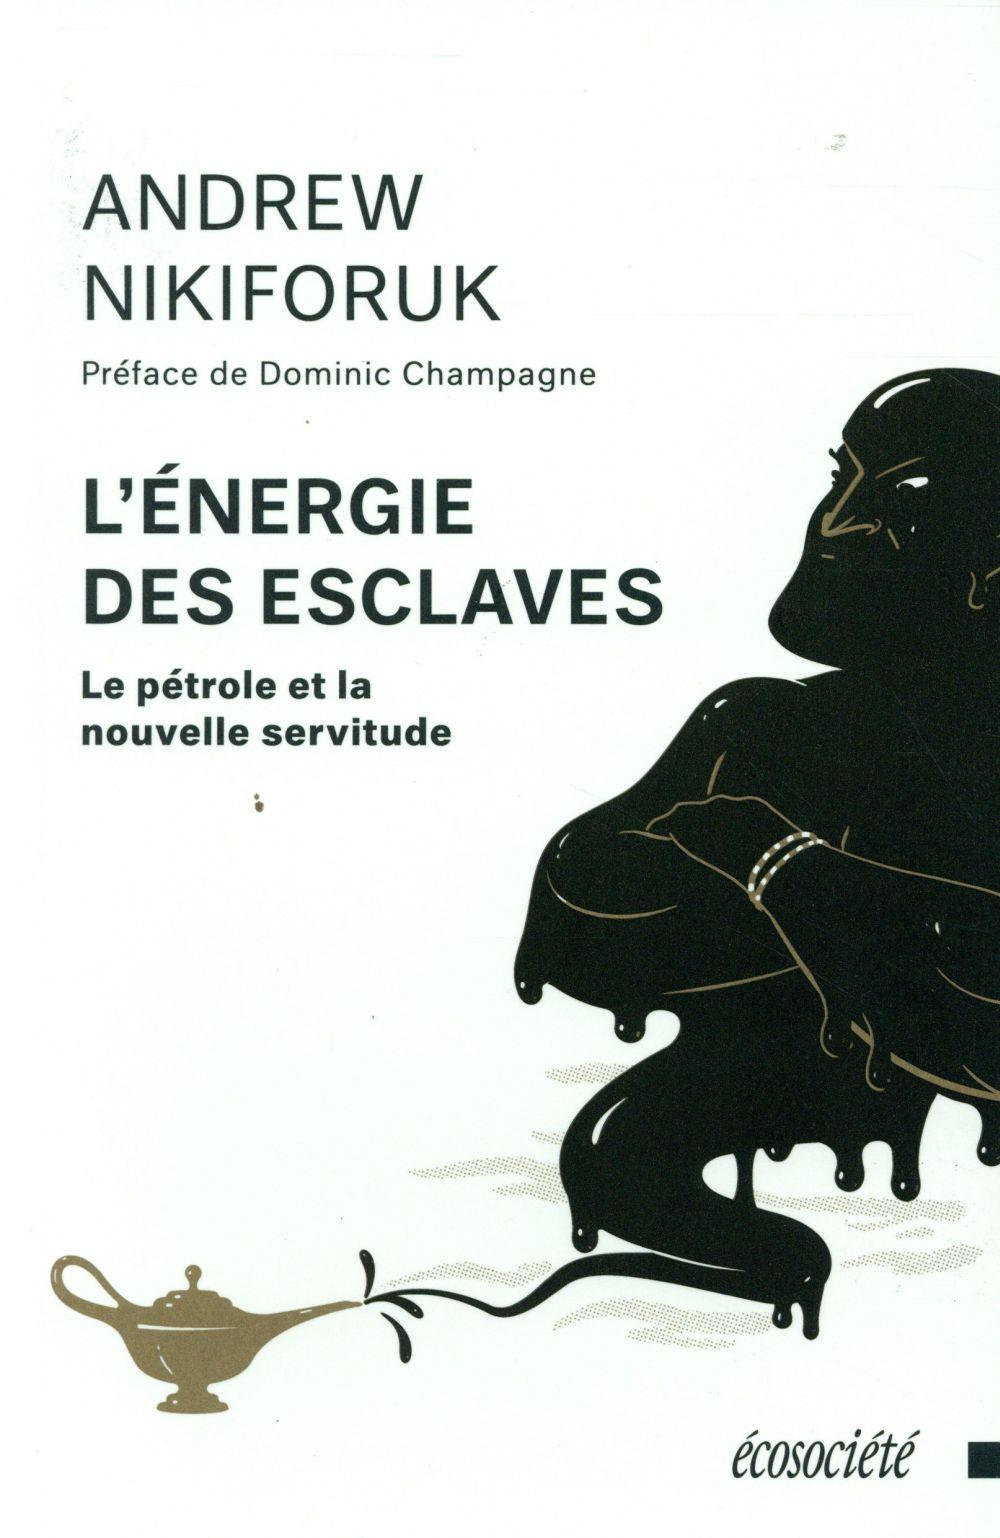 L'ENERGIE DES ESCLAVES  - PETROLE ET LA NOUVELLE SERVITUDE